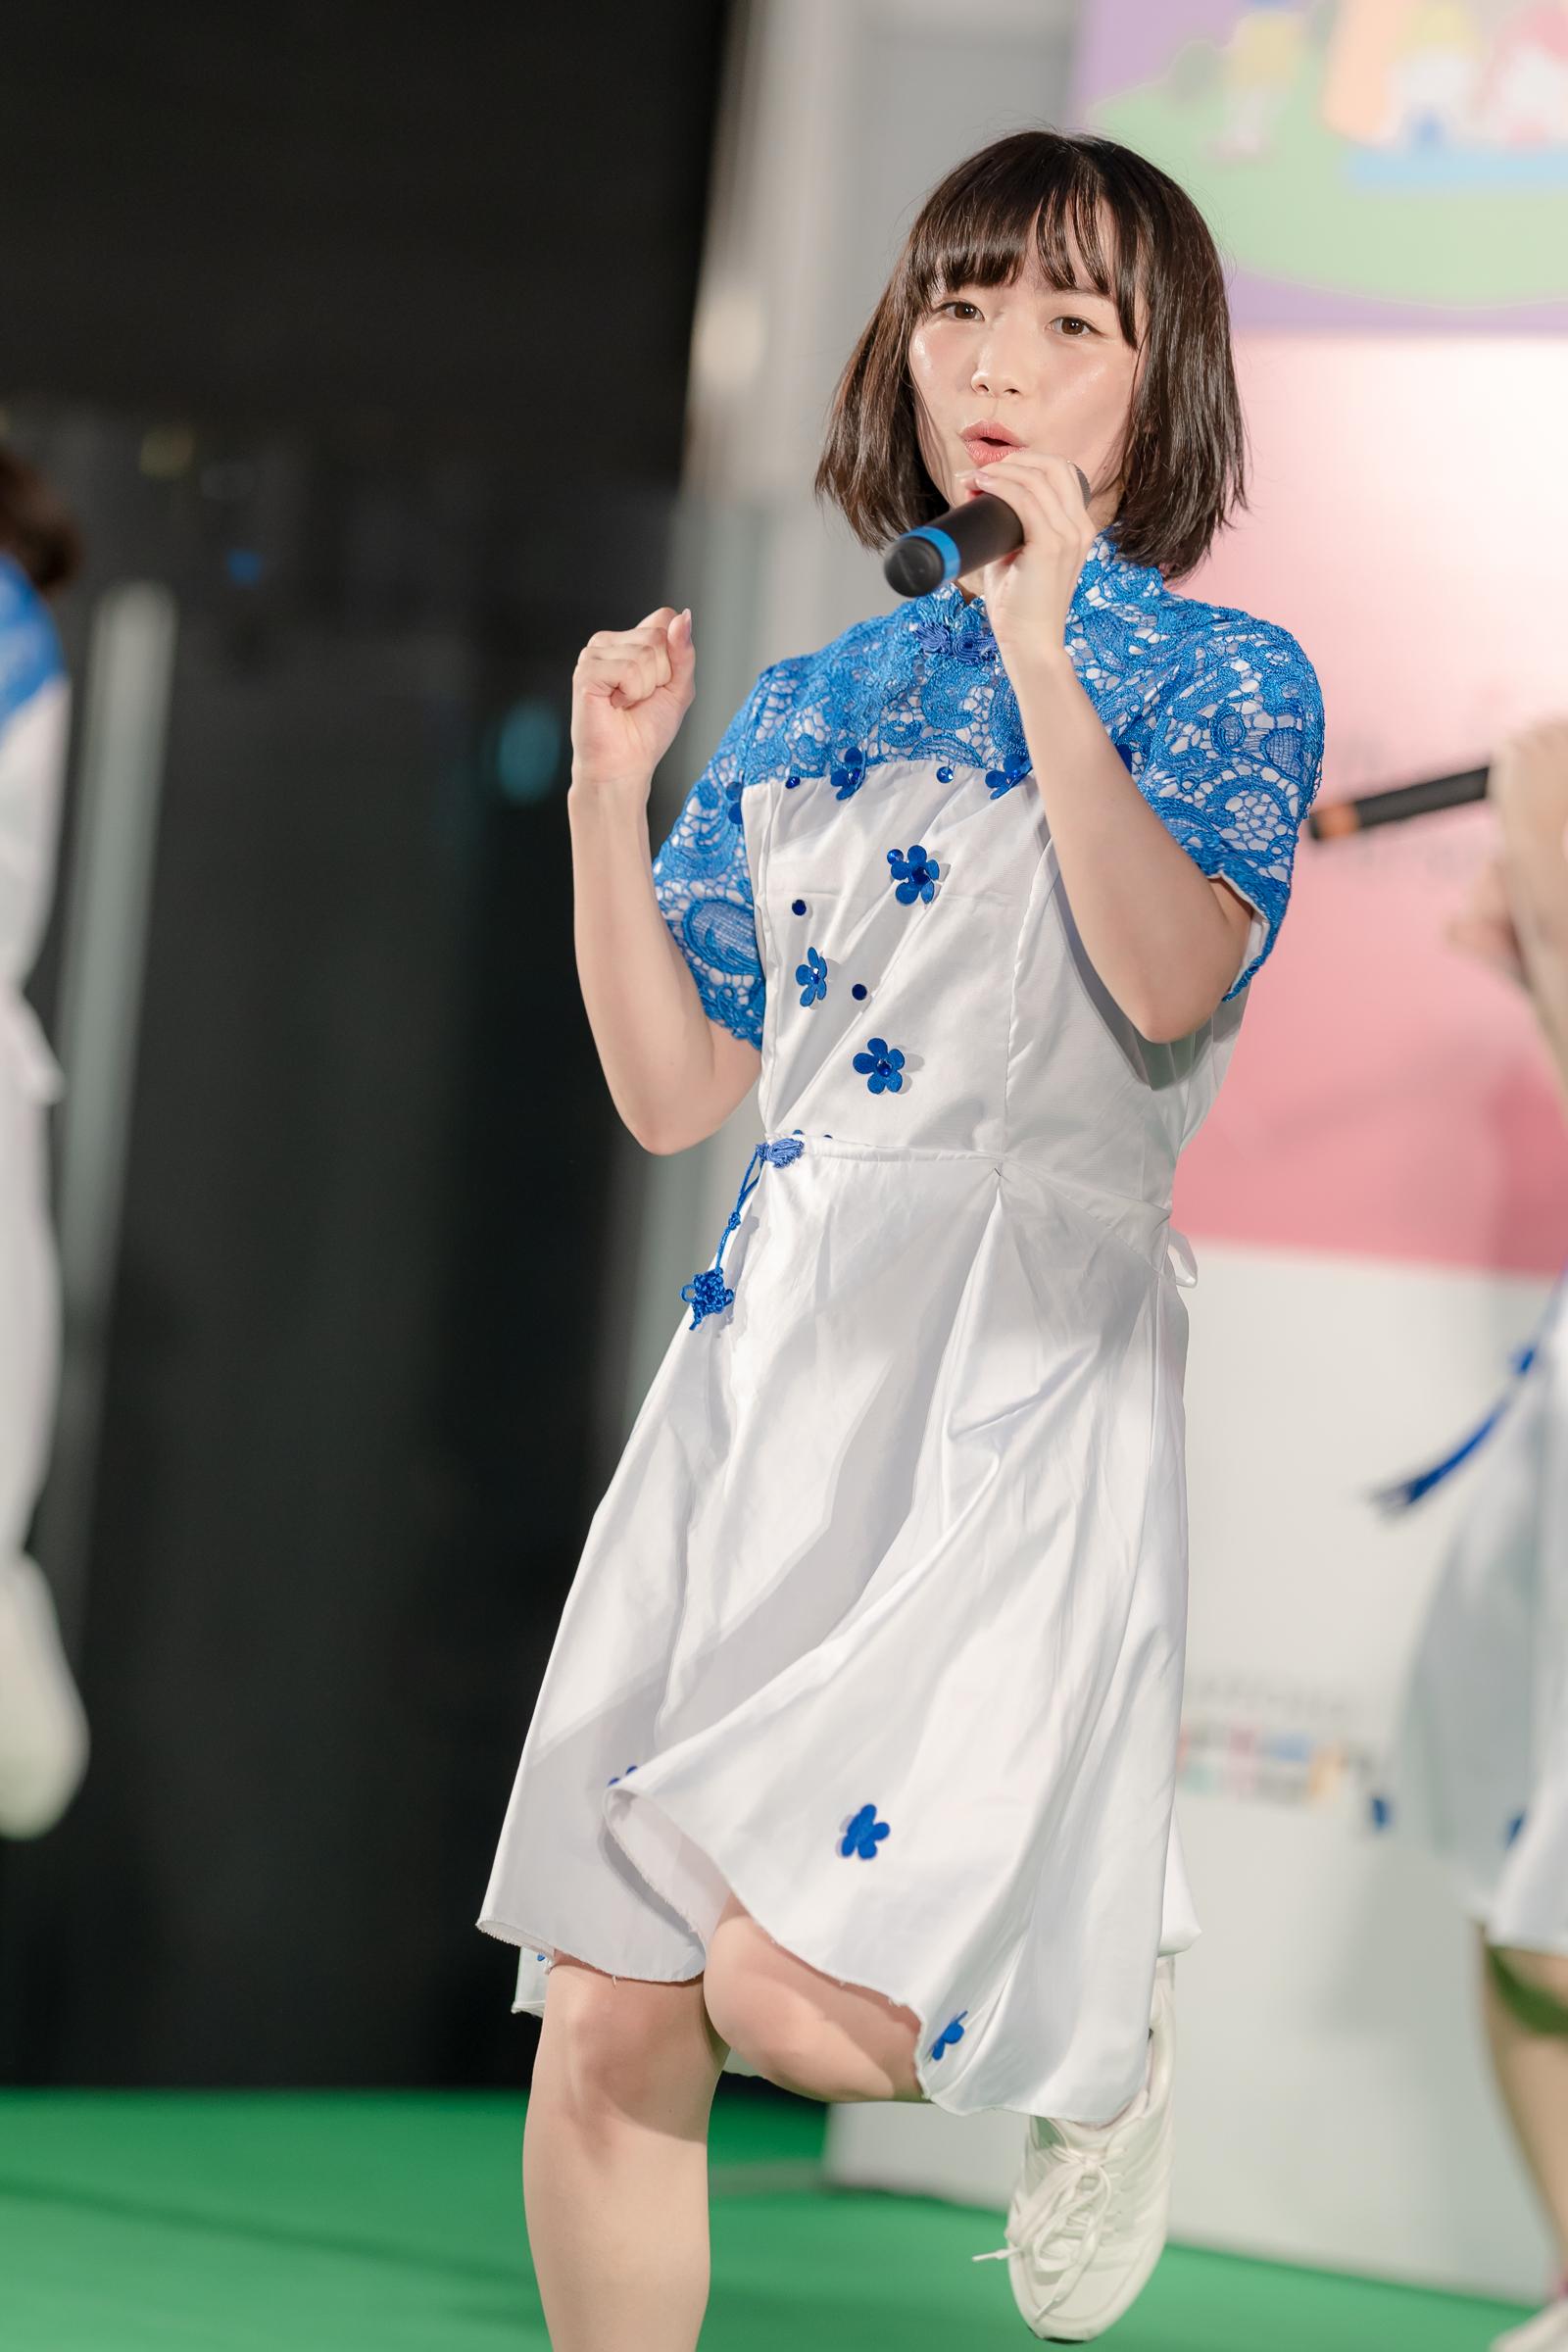 2代目HAPPY少女♪ みっちょ ( 本田みく ) | サッポロファクトリーウイークデーライブ